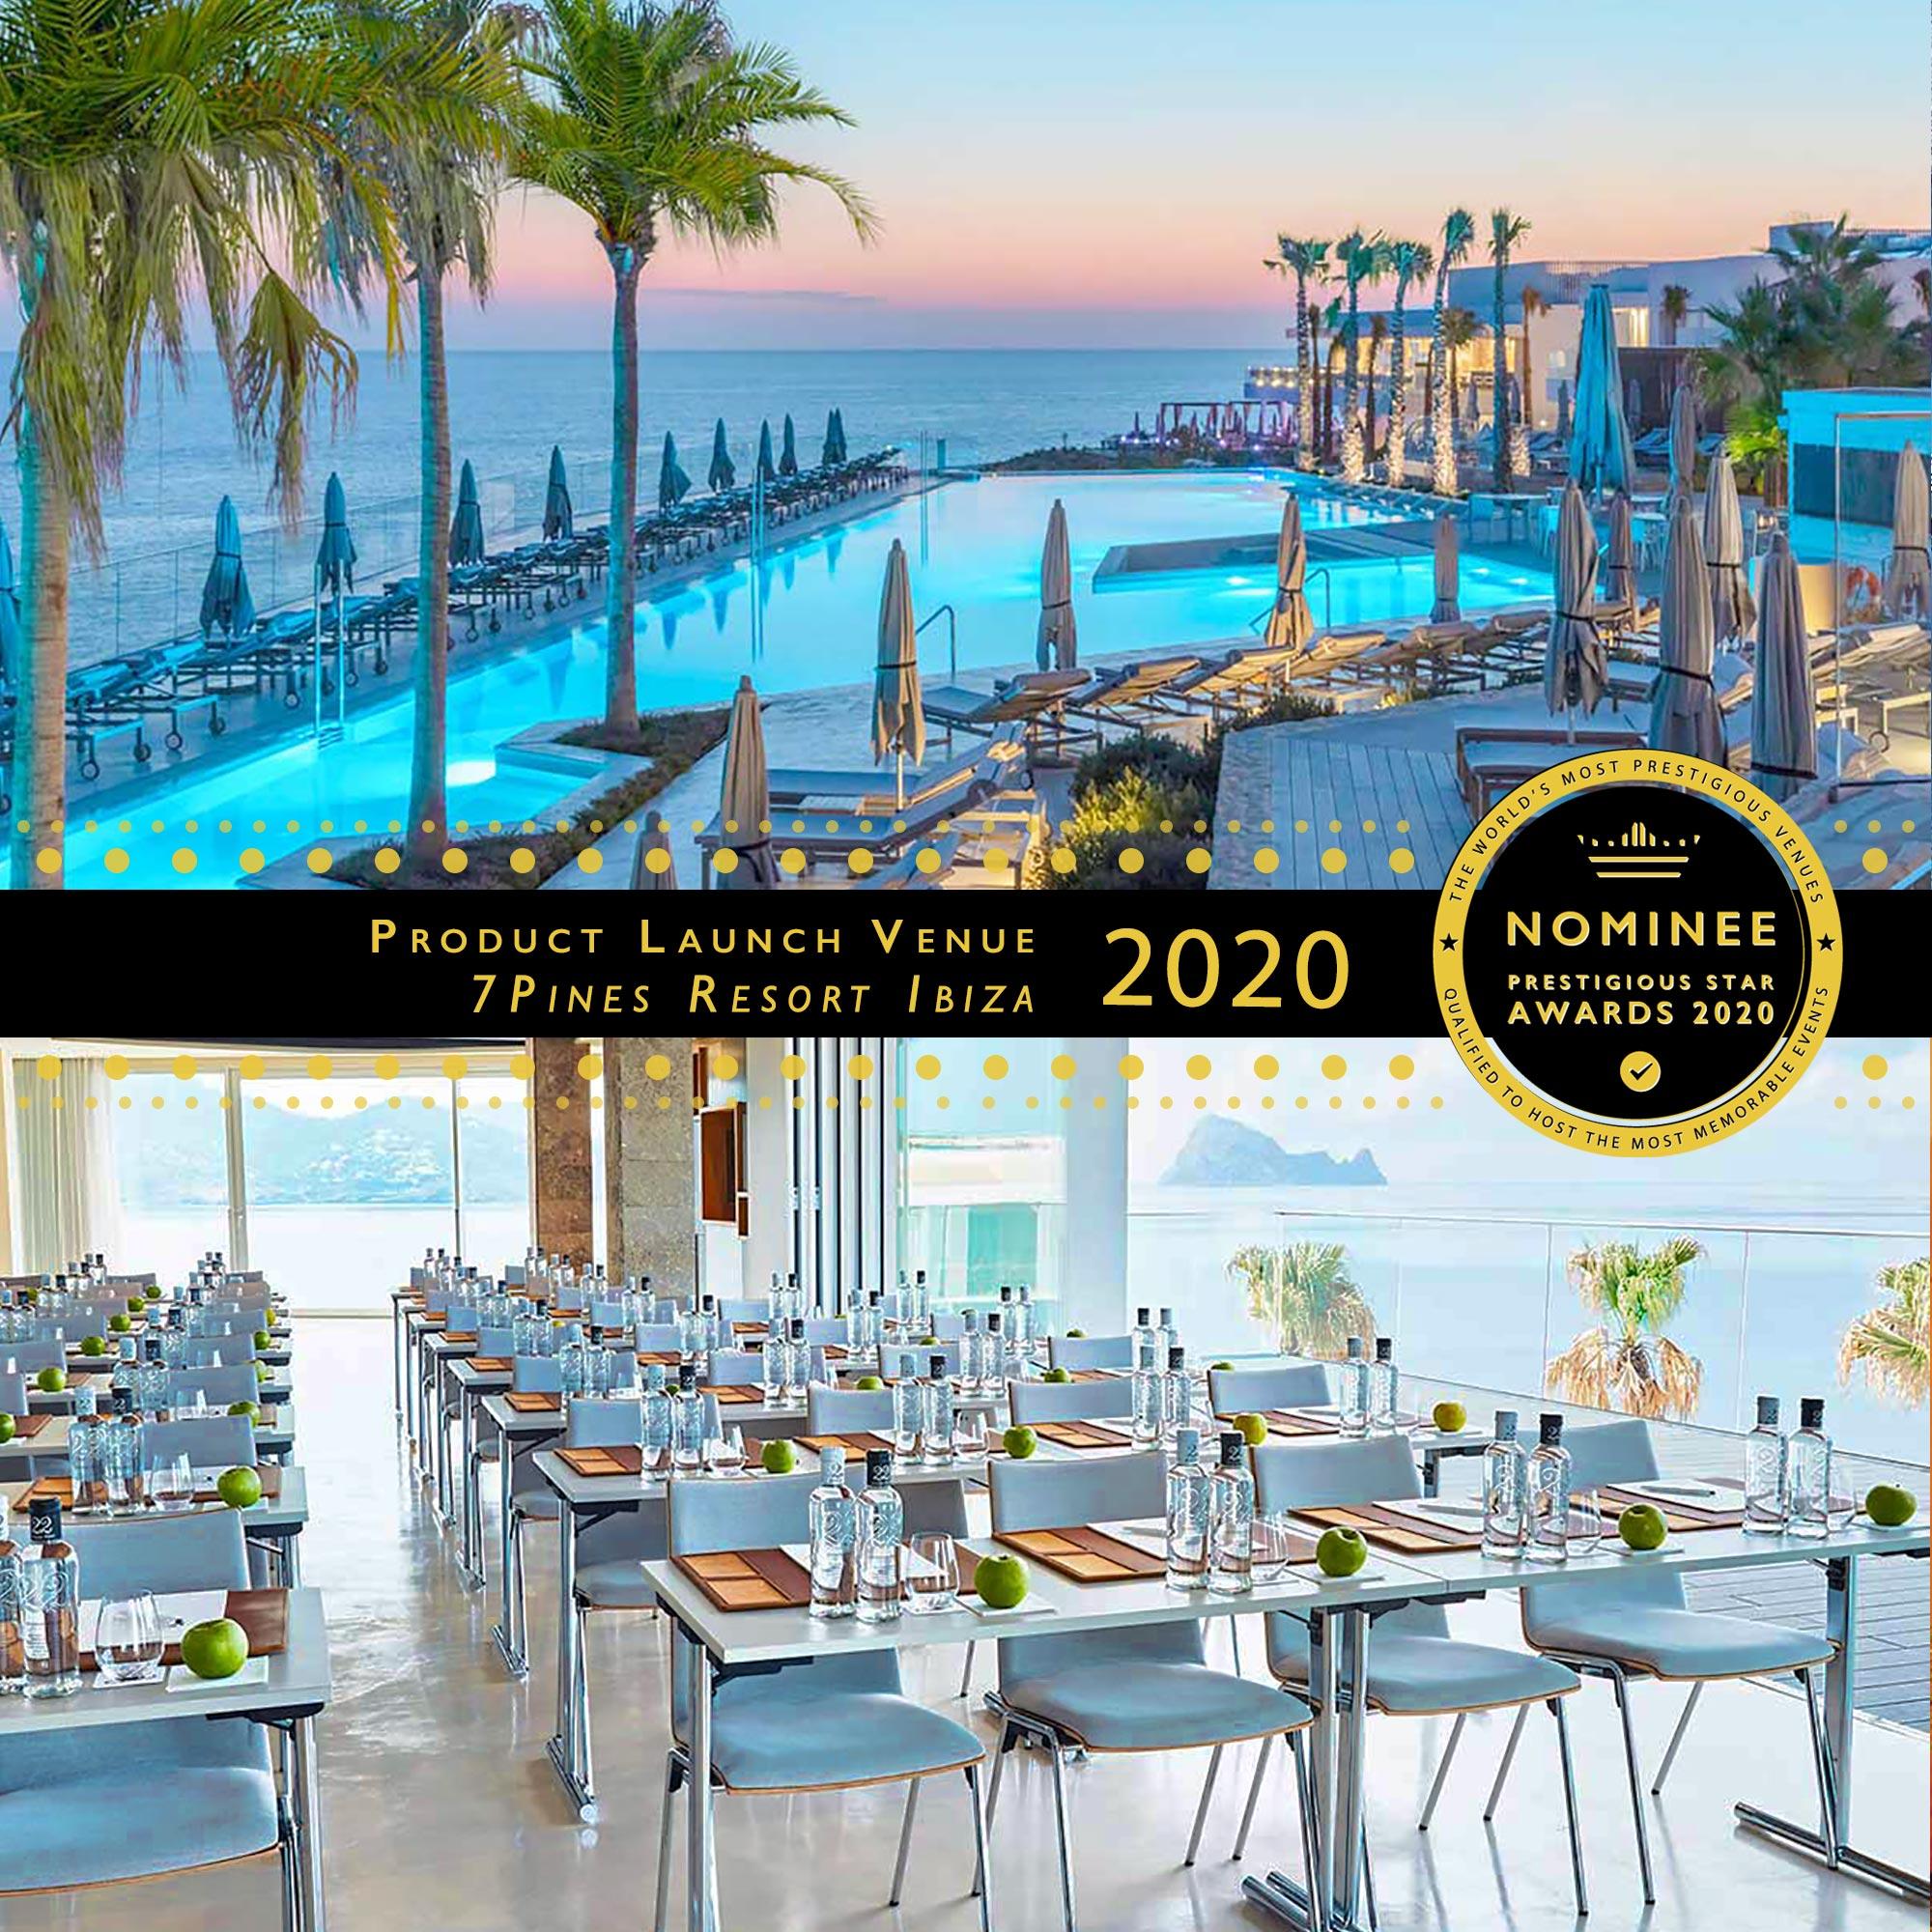 Conference Room at 7Pines Resort Ibiza